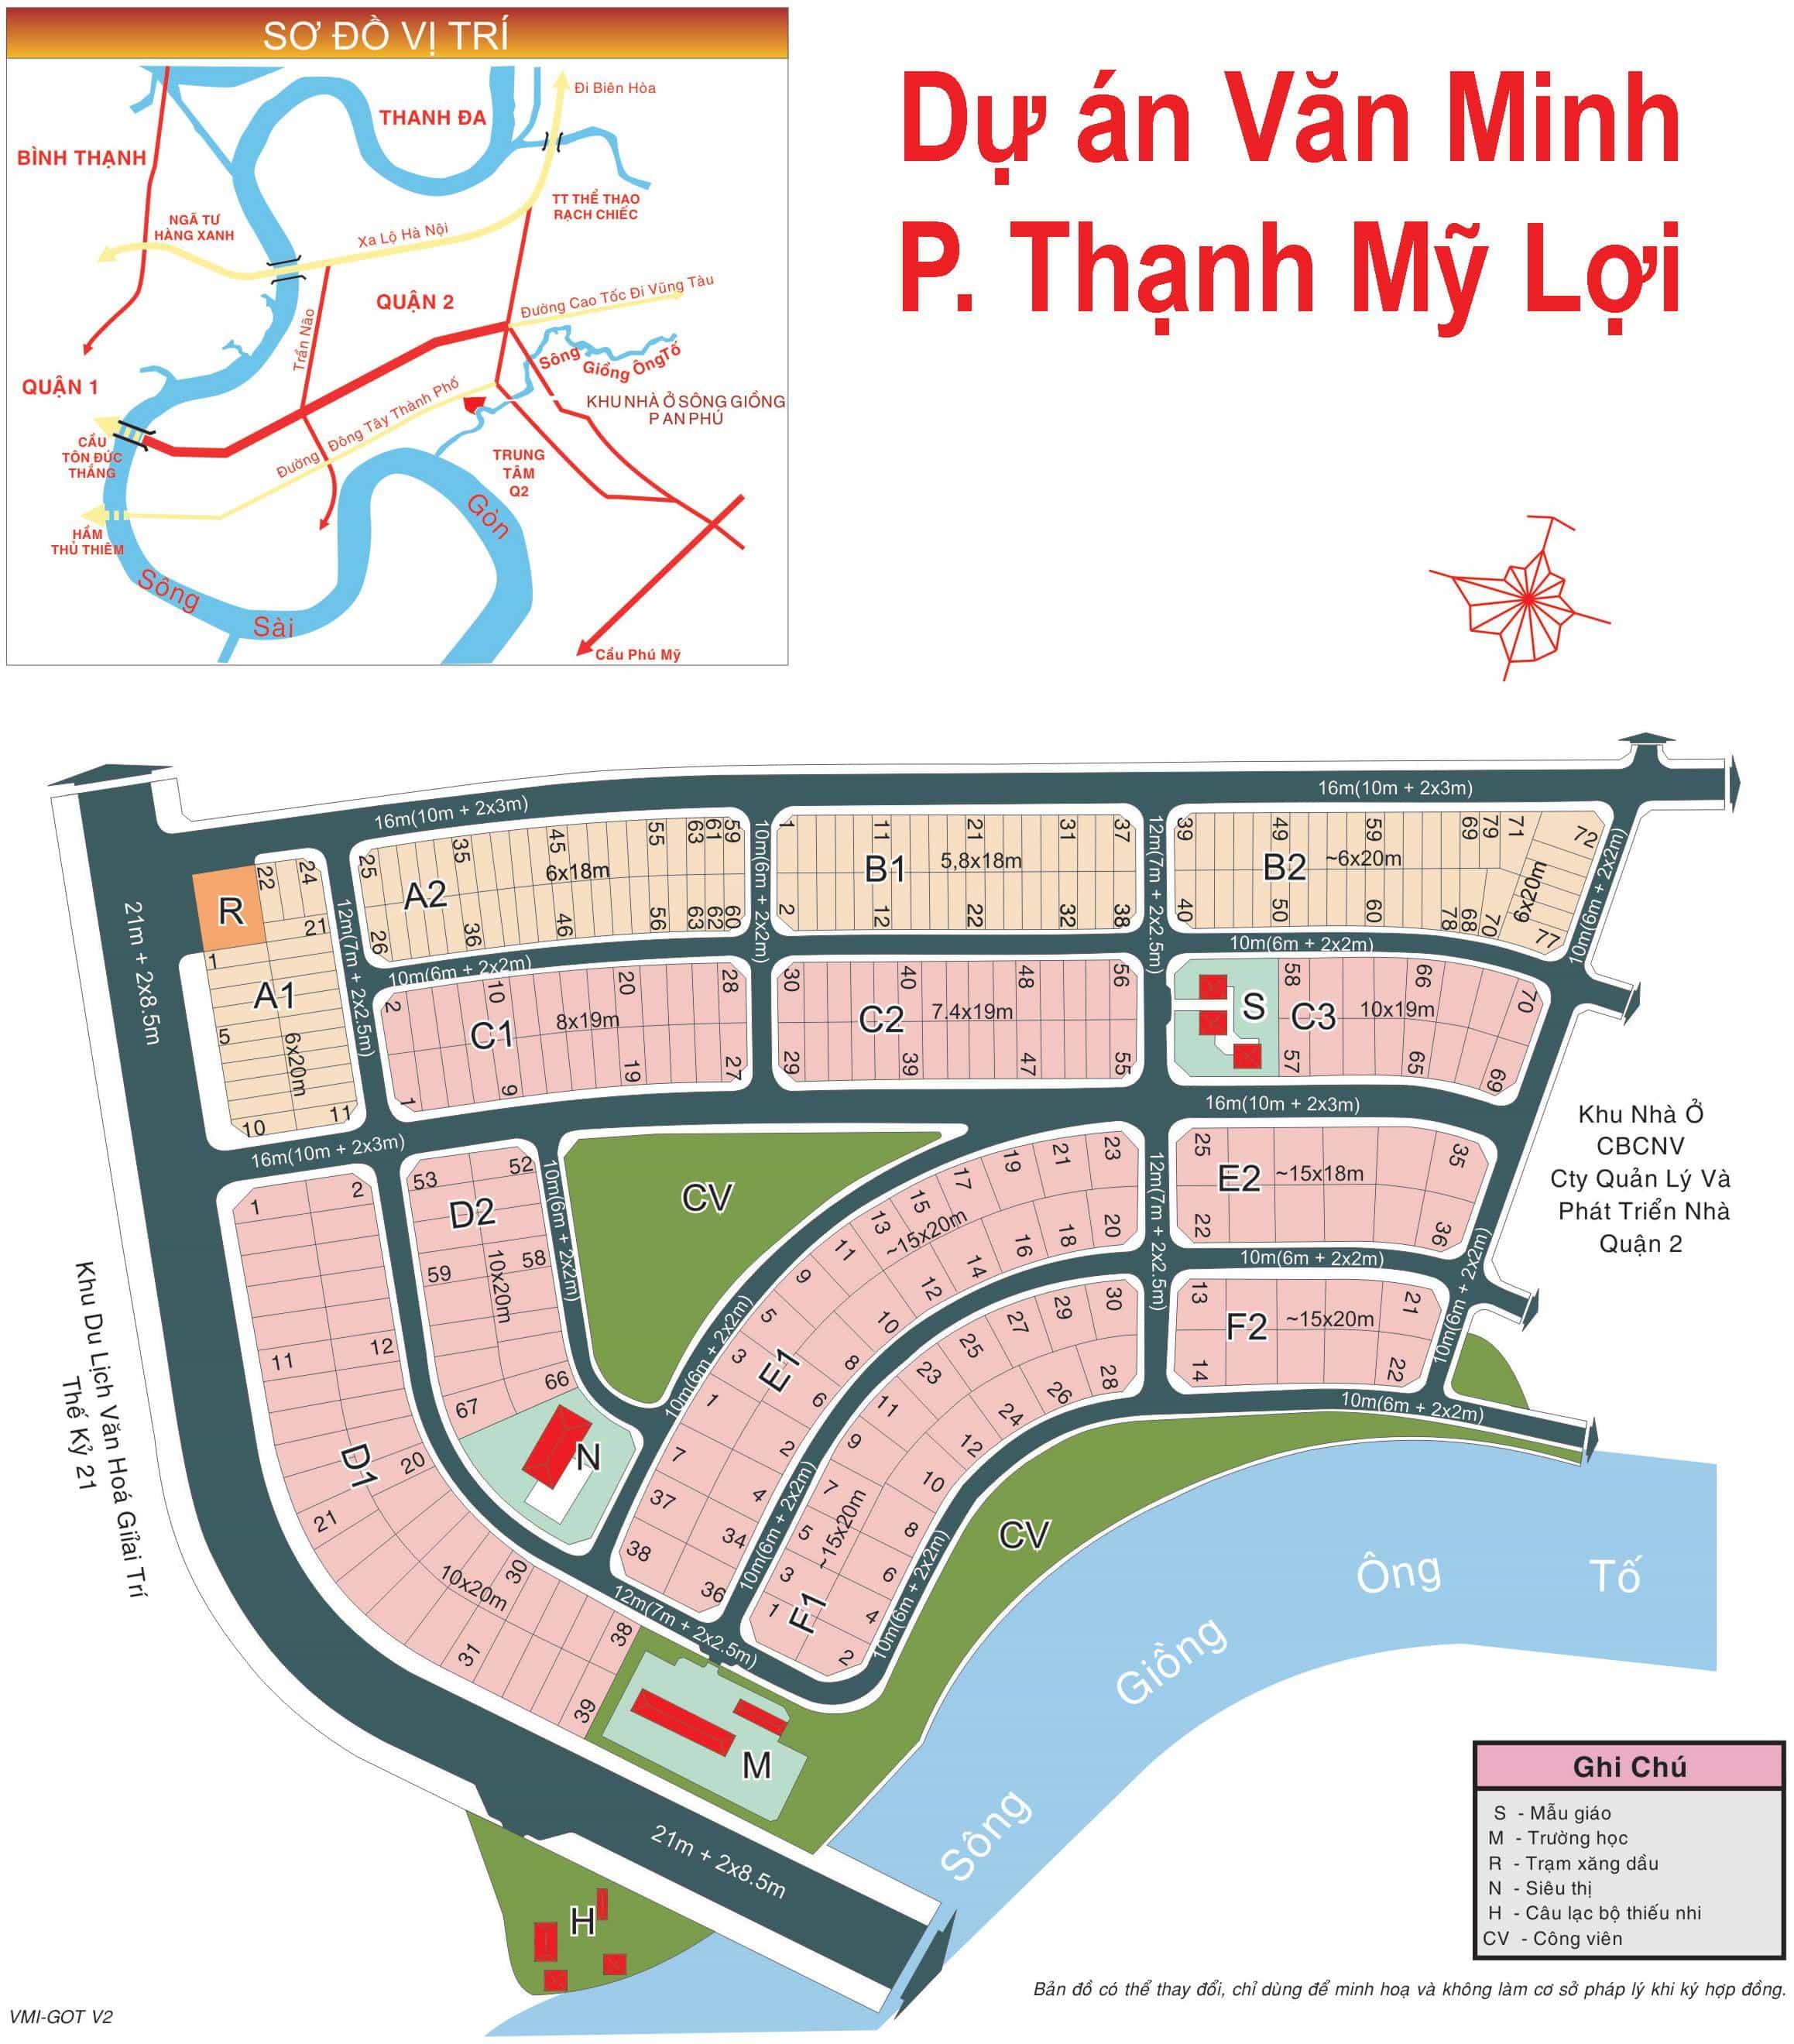 Bản đồ dự án khu Văn Minh phường Thạnh Mỹ Lợi